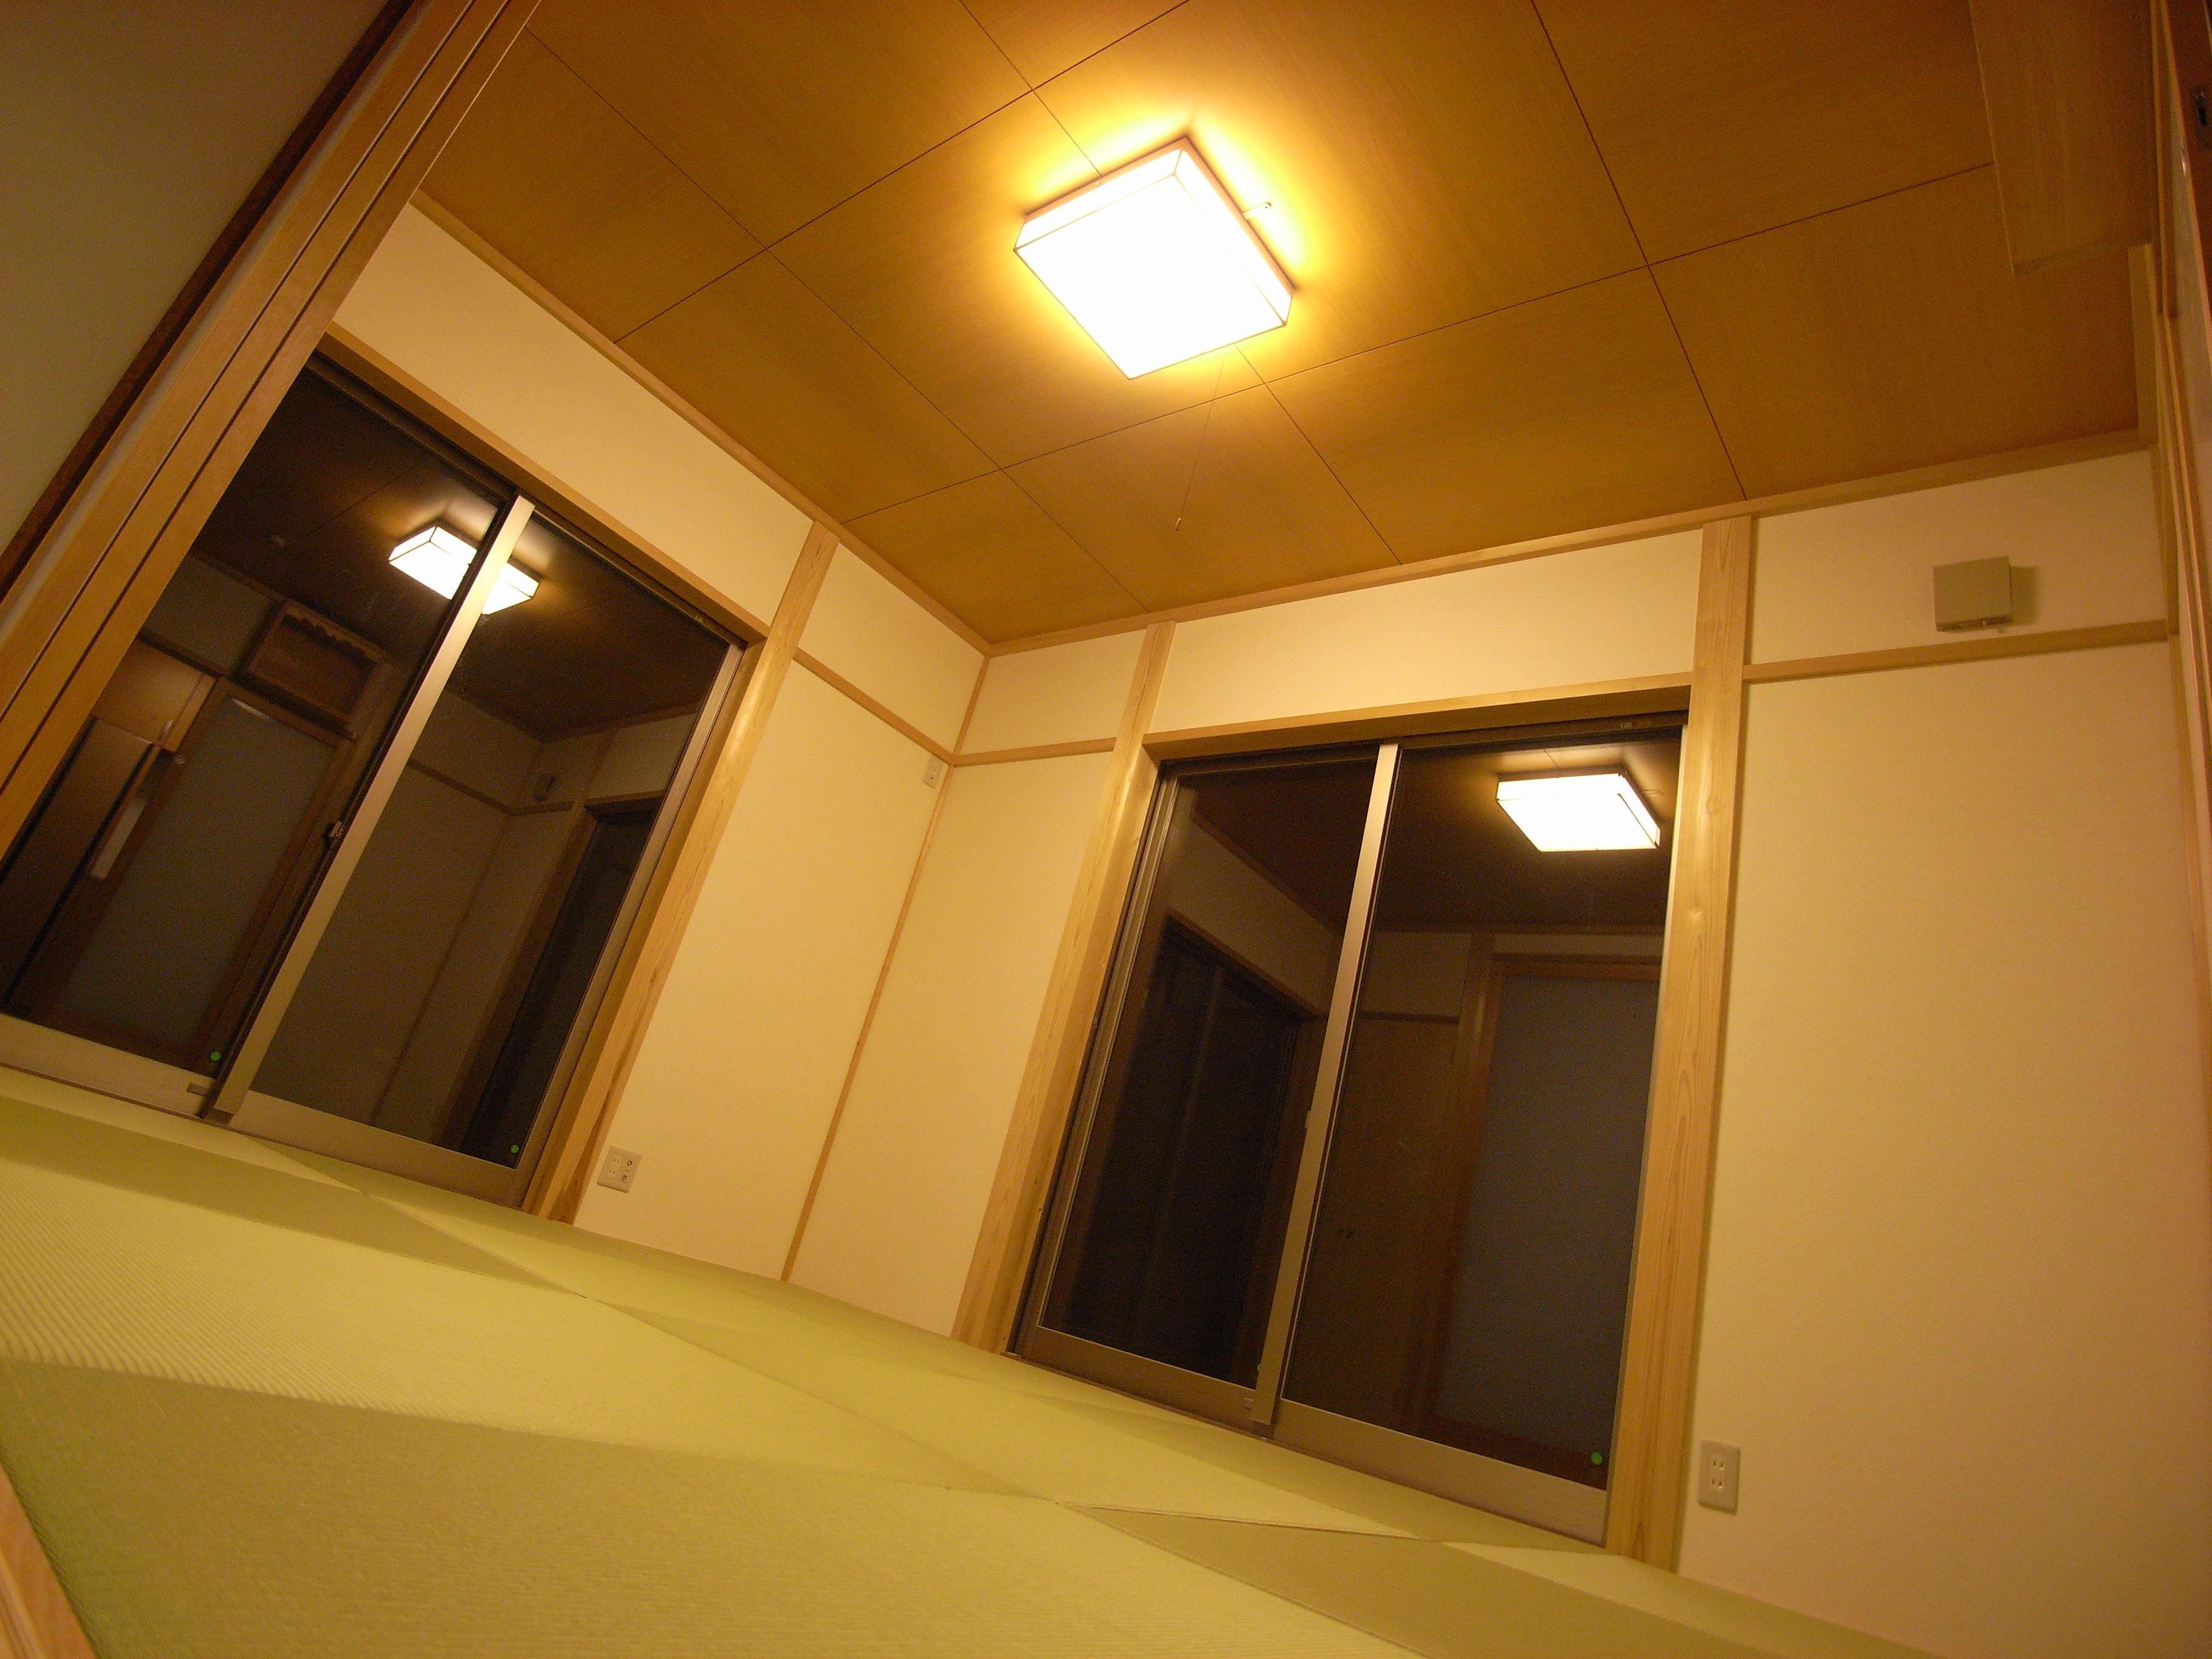 柔らかな光あふれる平屋の家